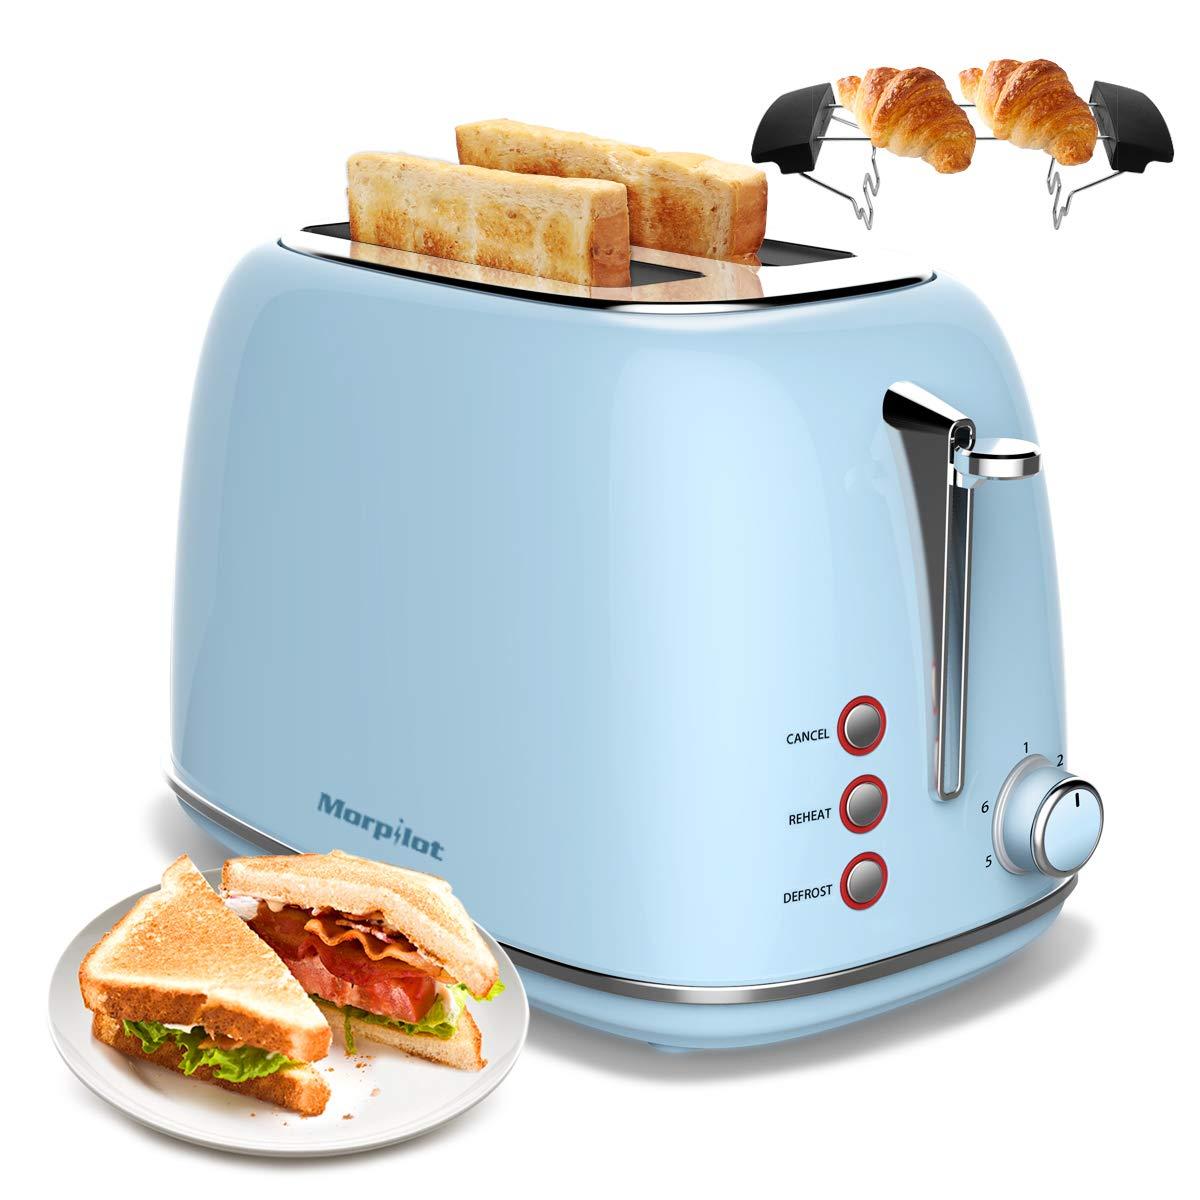 blauer retro edelstahl toaster mit broetchenaufsatz